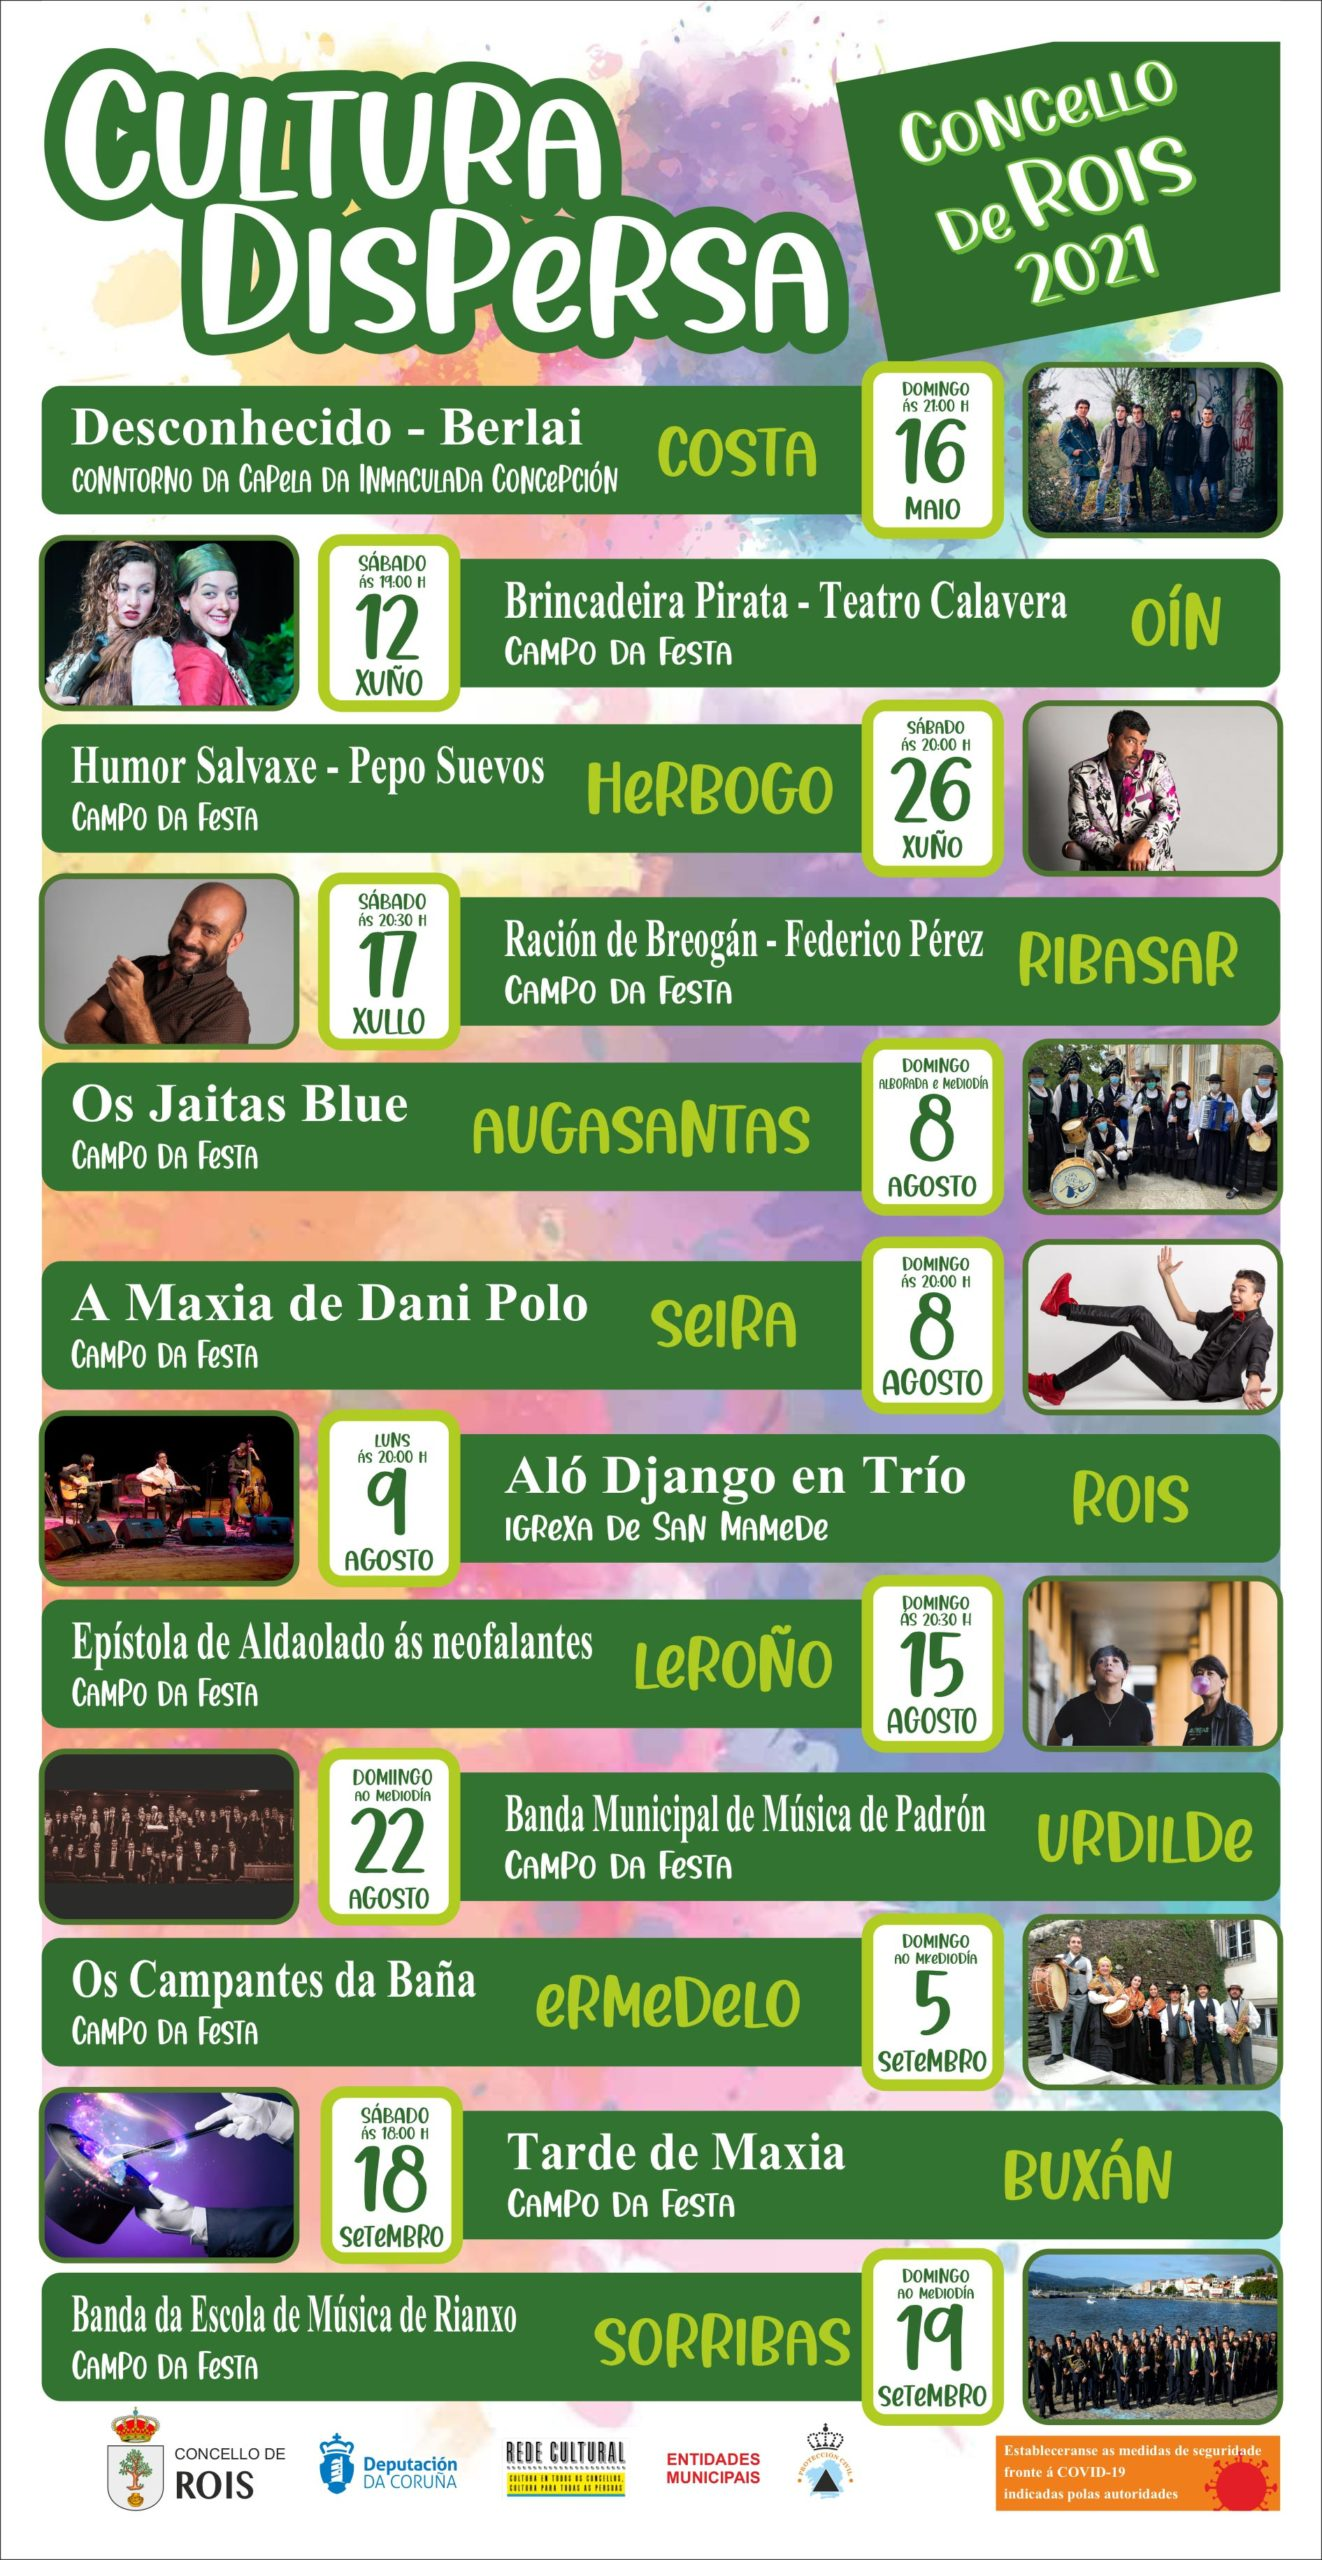 Cultura Dispersa por Rois continúa neste mes de xuño con dous novos espectáculos gratuítos